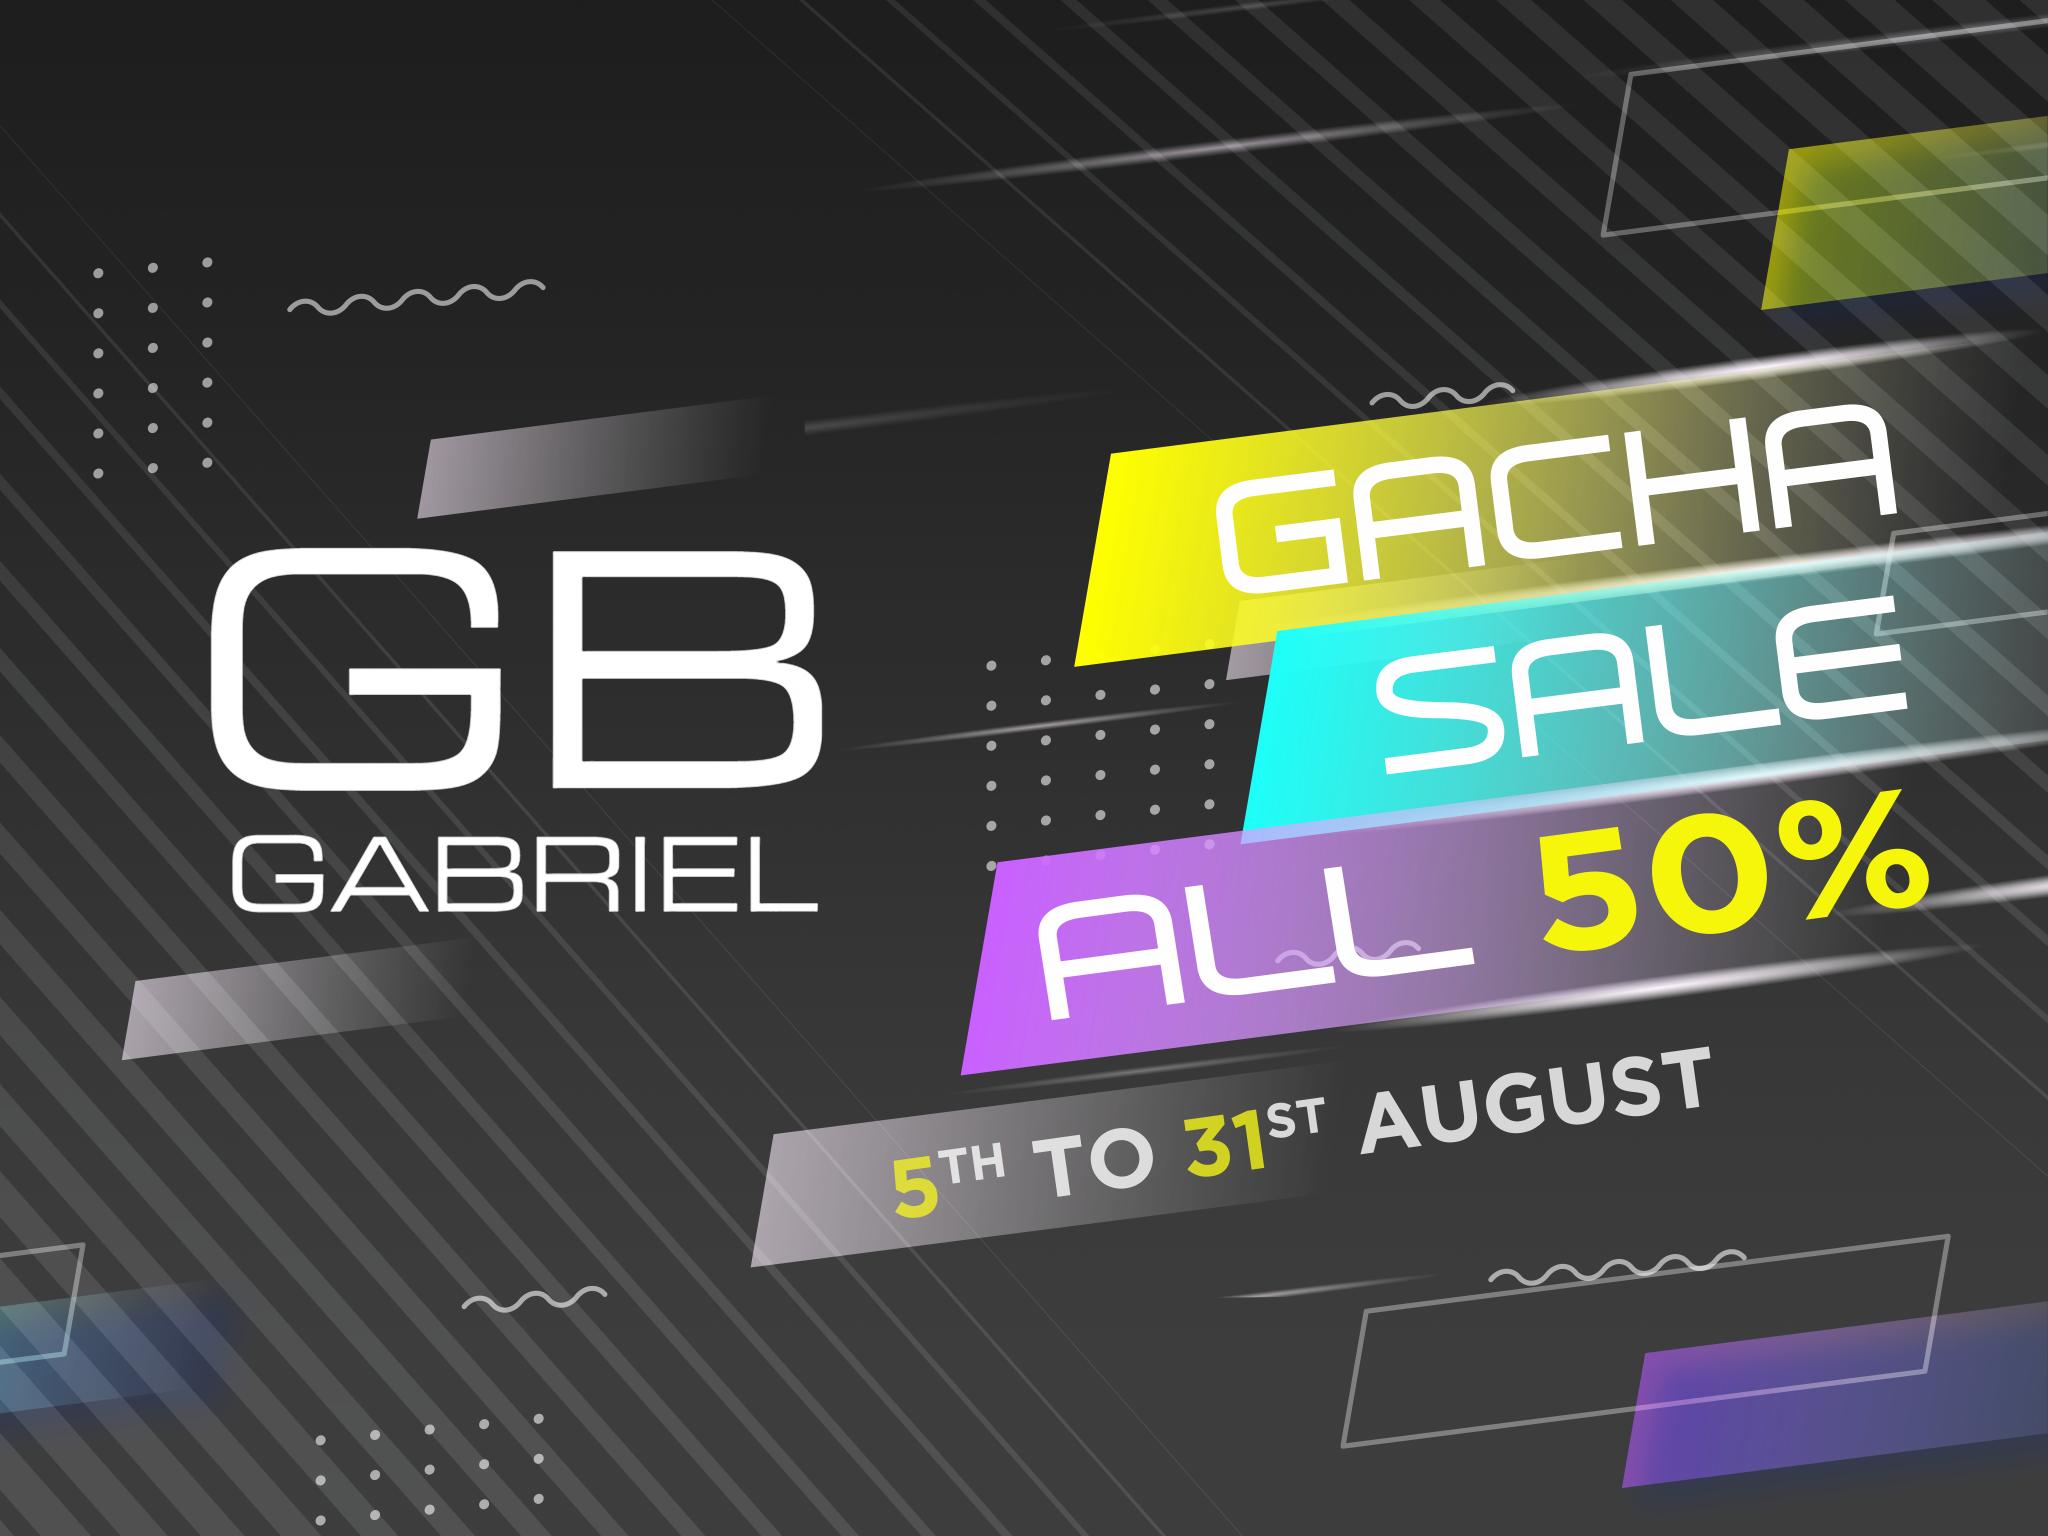 LAST GACHA SALE 50% OFF @ GABRIEL